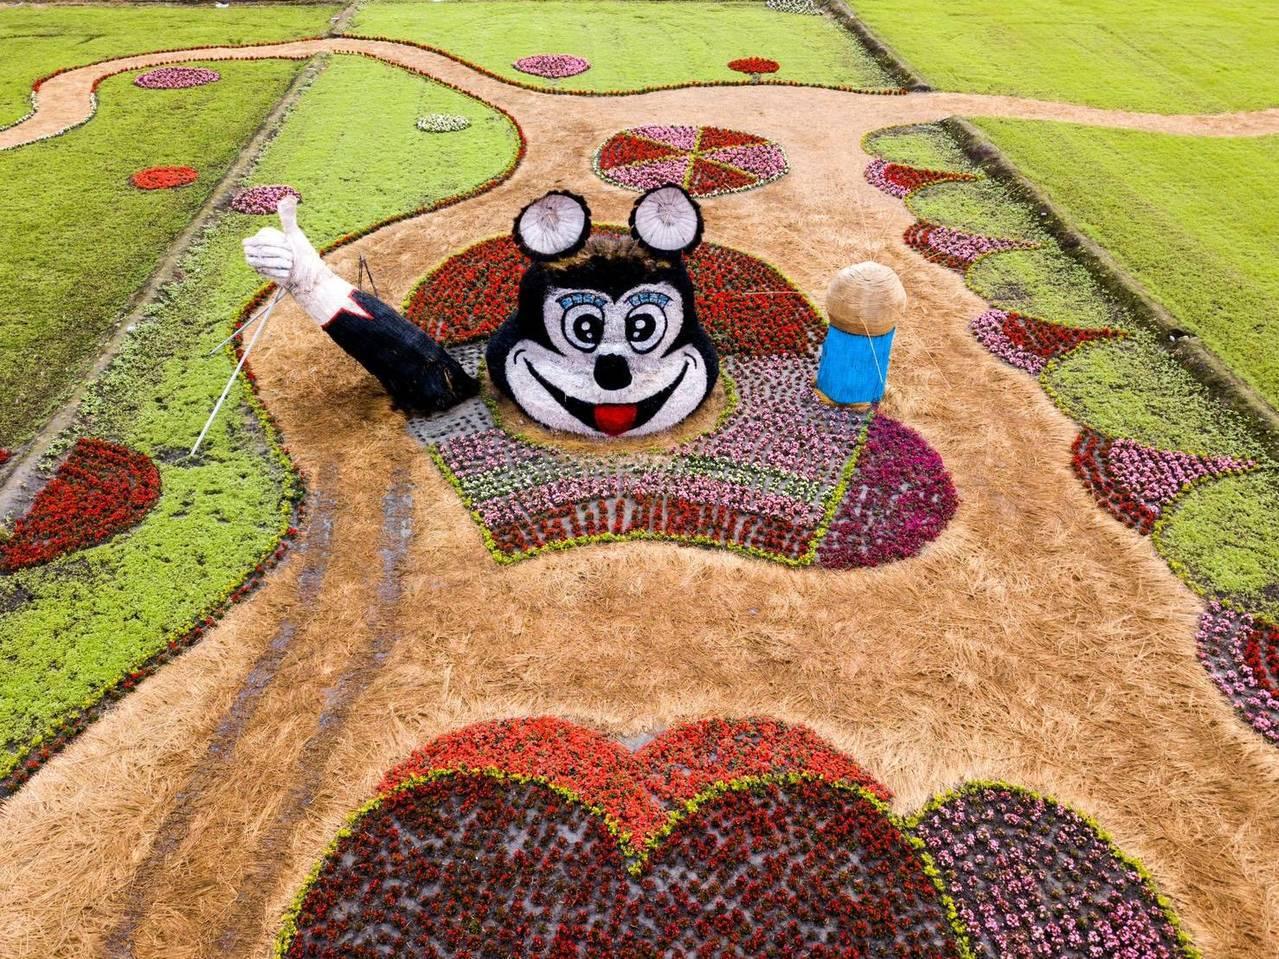 花蓮壽豐鄉農會今年利用稻草,做出復刻版「美崙山米老鼠」矗立在花海中,令人印象深刻...